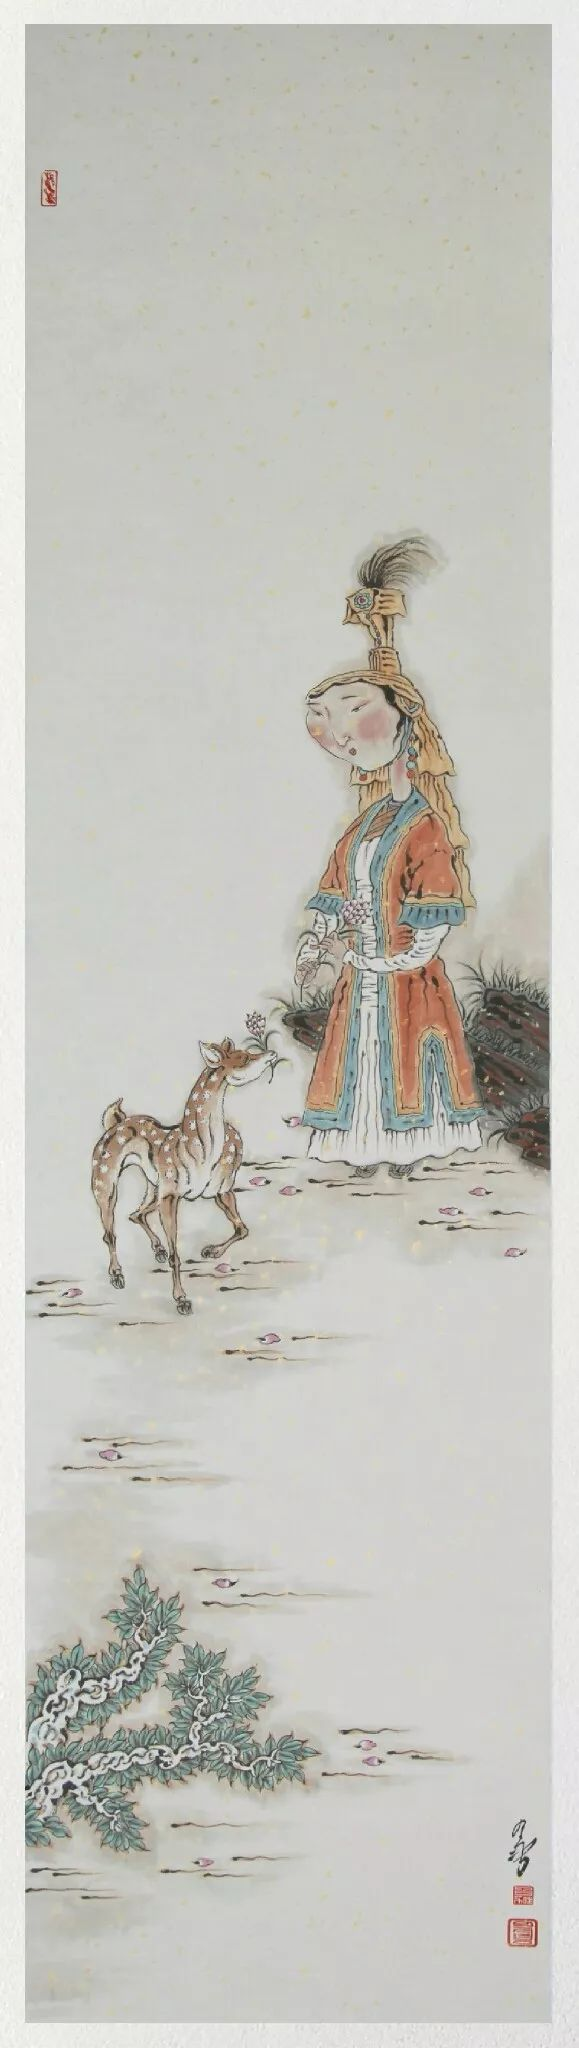 内蒙古当代美术家系列——白嘎力中国画作品选 第23张